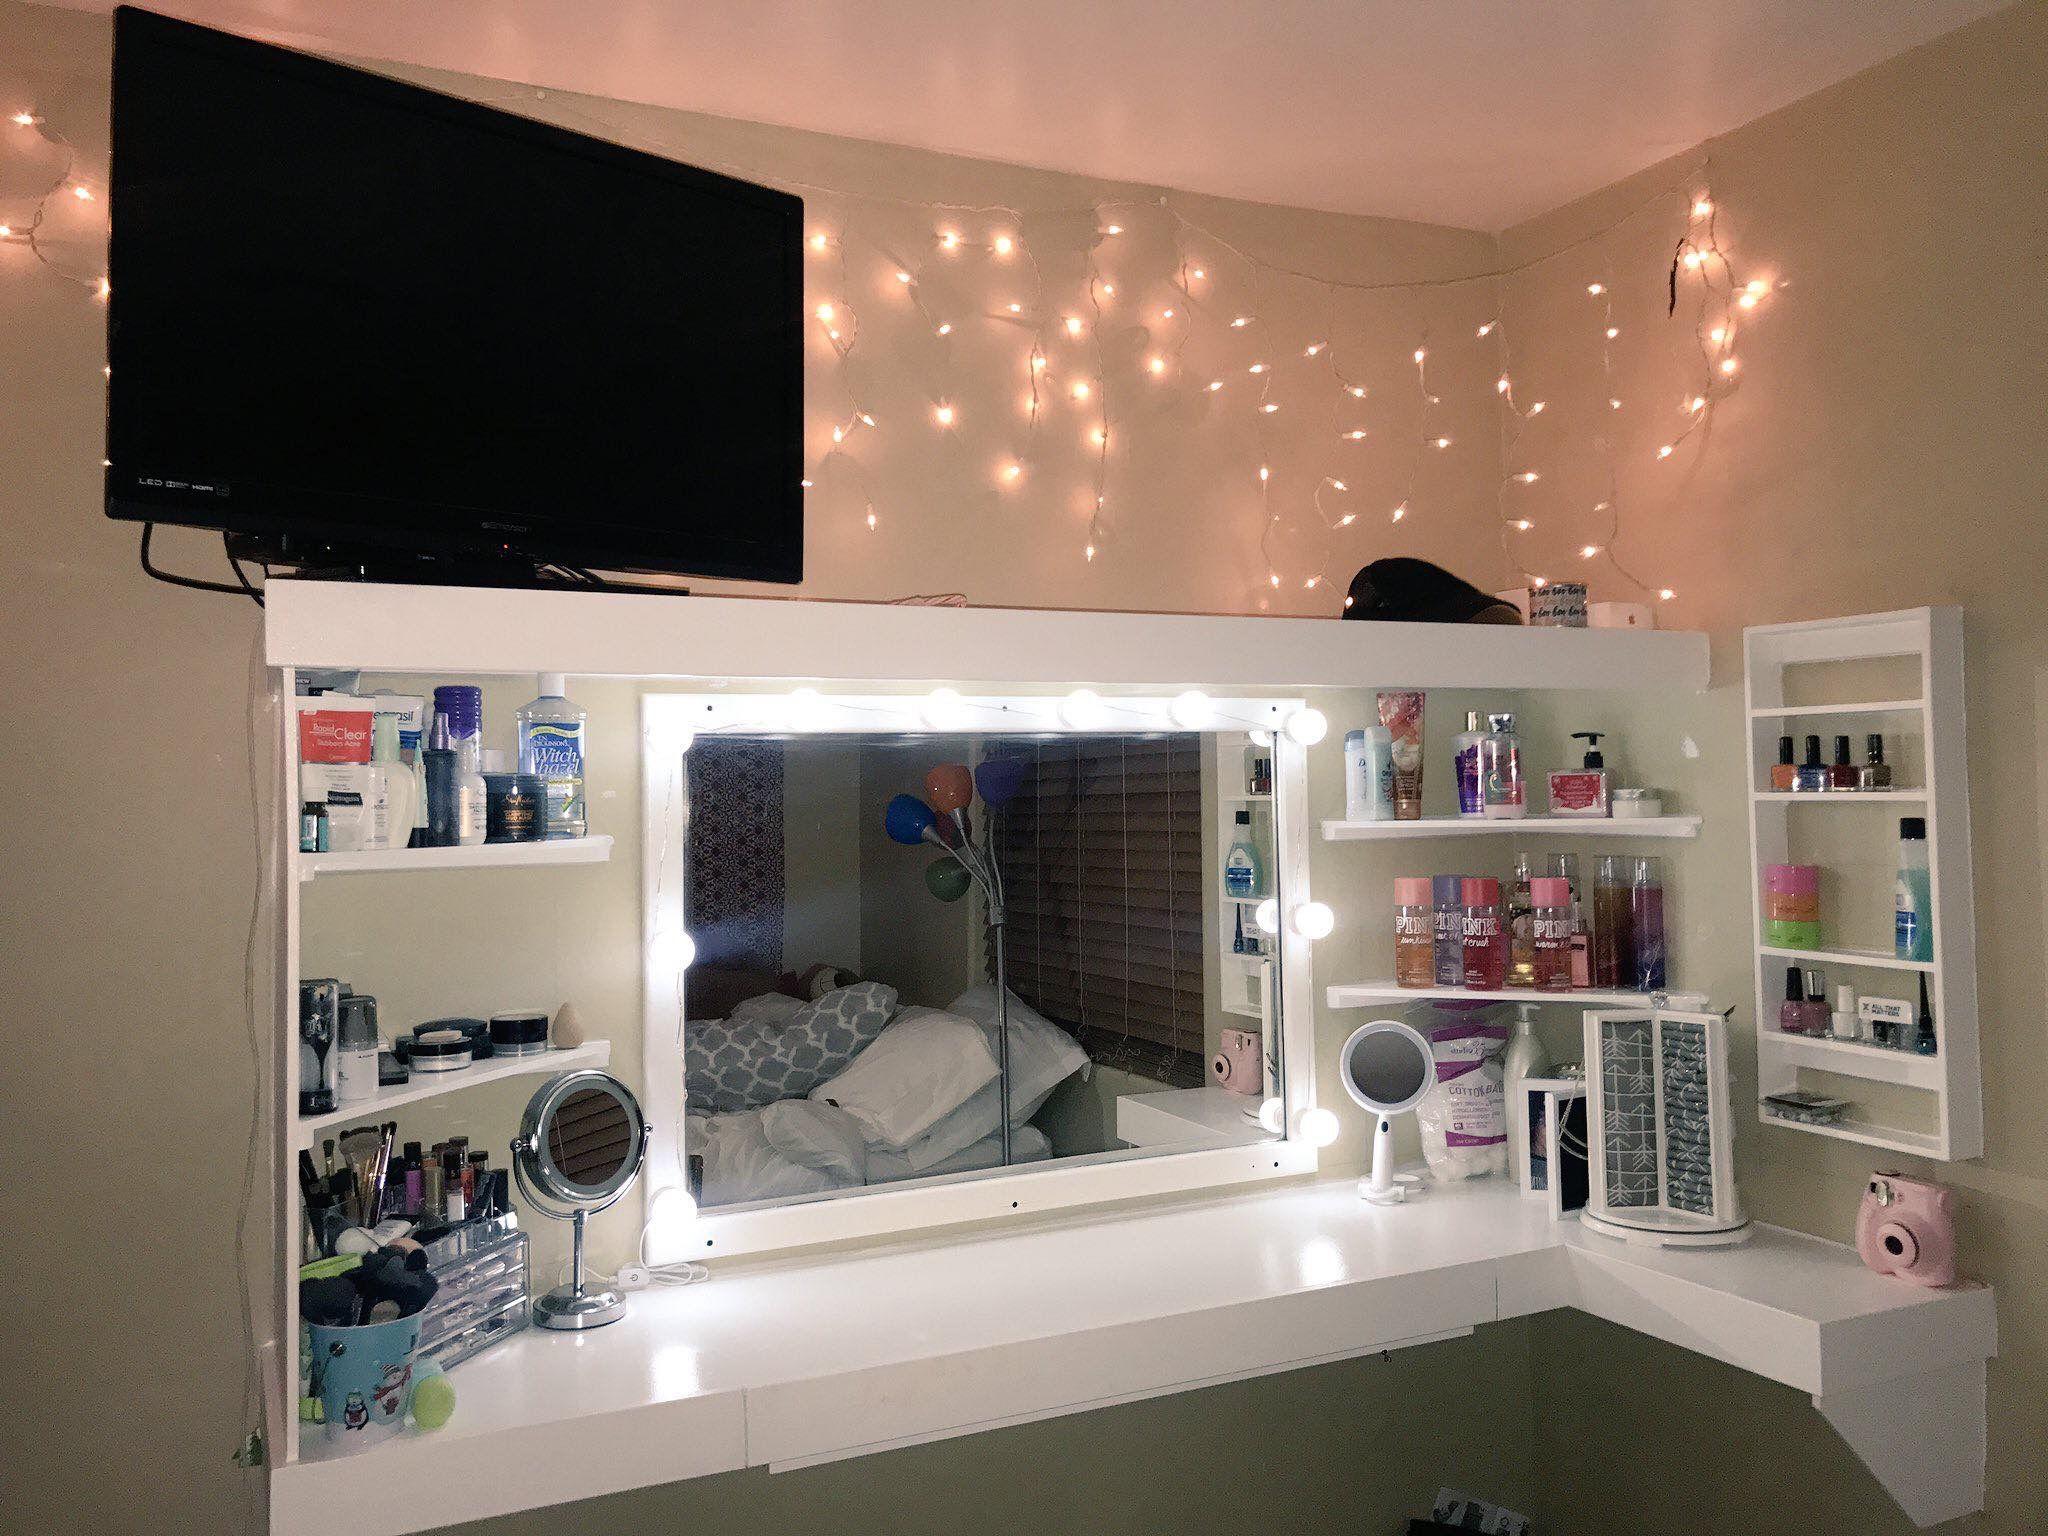 Selfmade, Einrichtung, Wohnen, Schminktisch, Schrank Eitelkeit, Vanity  Fair, Mädchen Schlafzimmer, Schlafzimmer Ideen, Traum Schlafzimmer